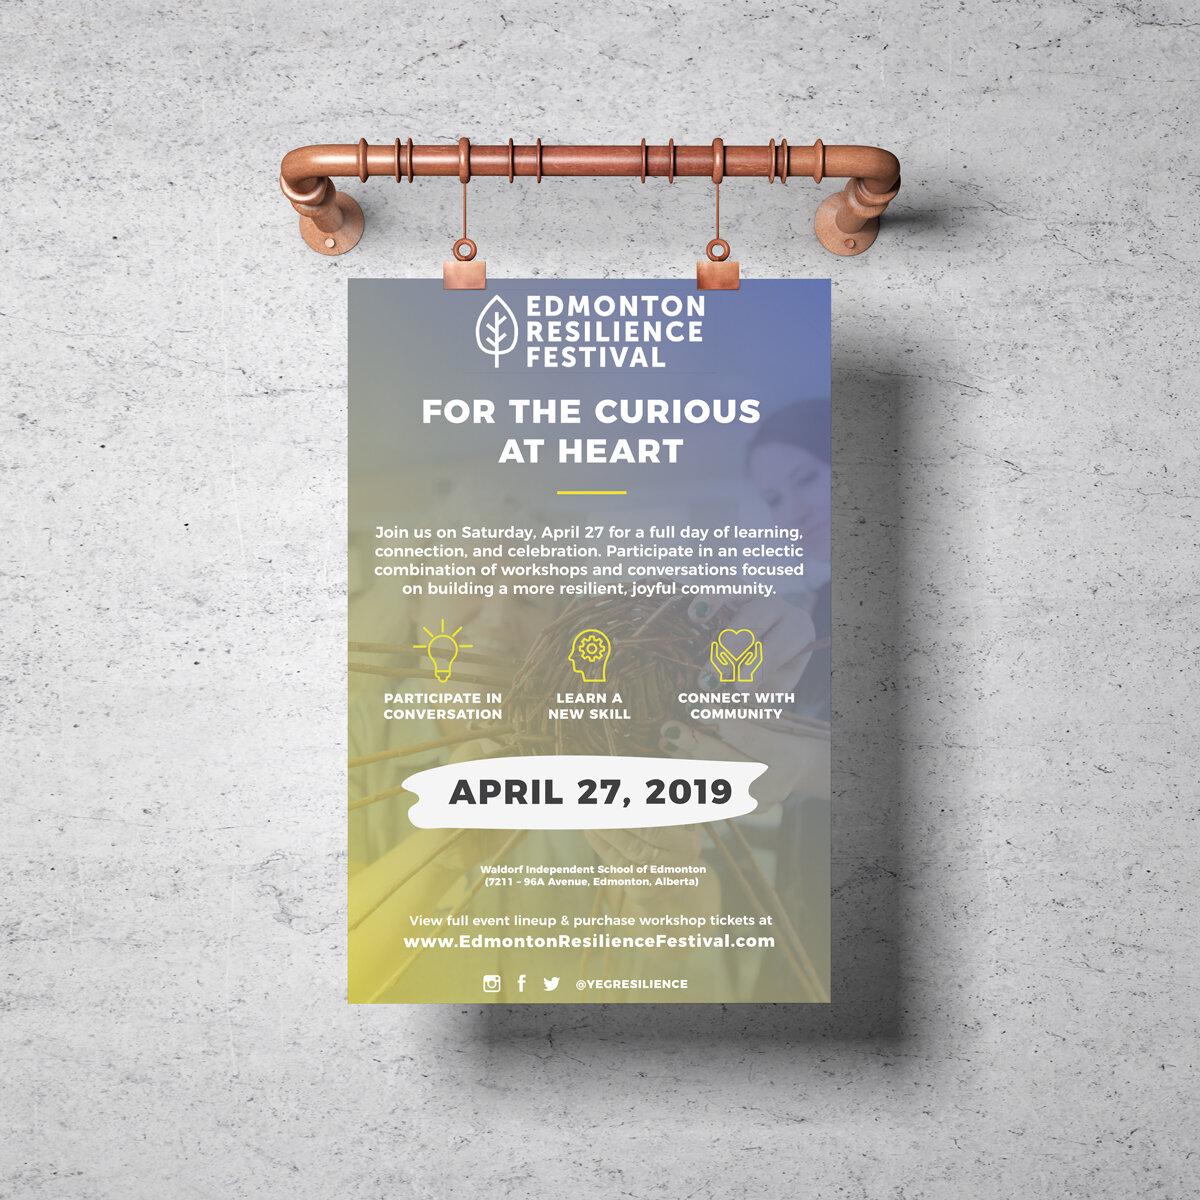 Edmonton-Resilience-Festival-Poster.jpg